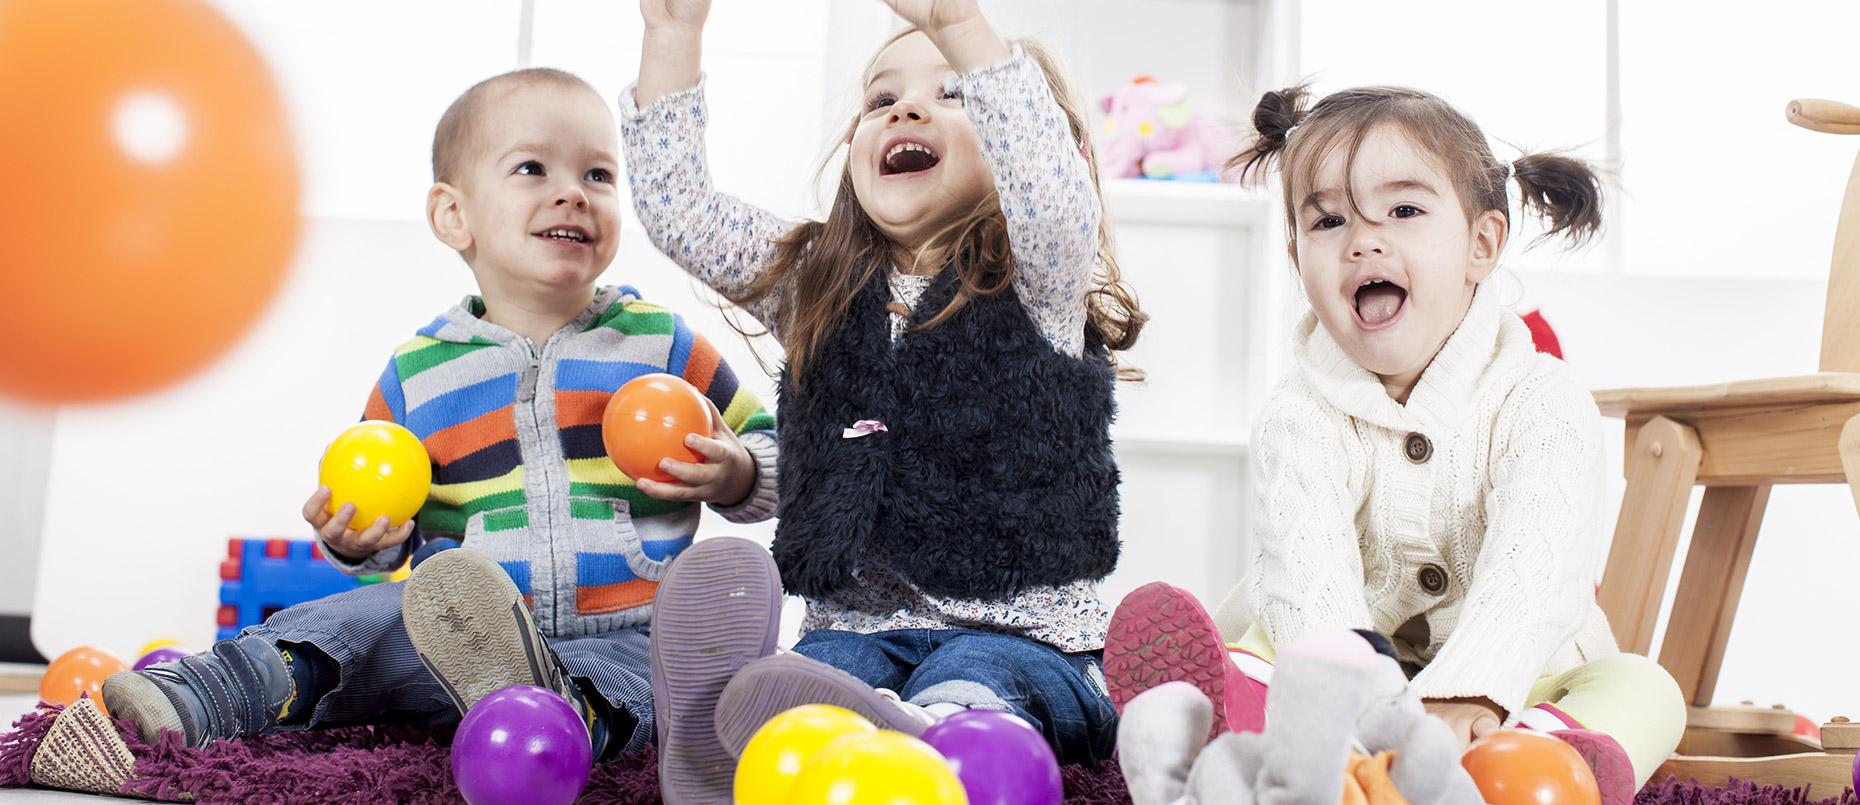 Symptômes de la perte auditive chez le nouveau-né et l'enfant